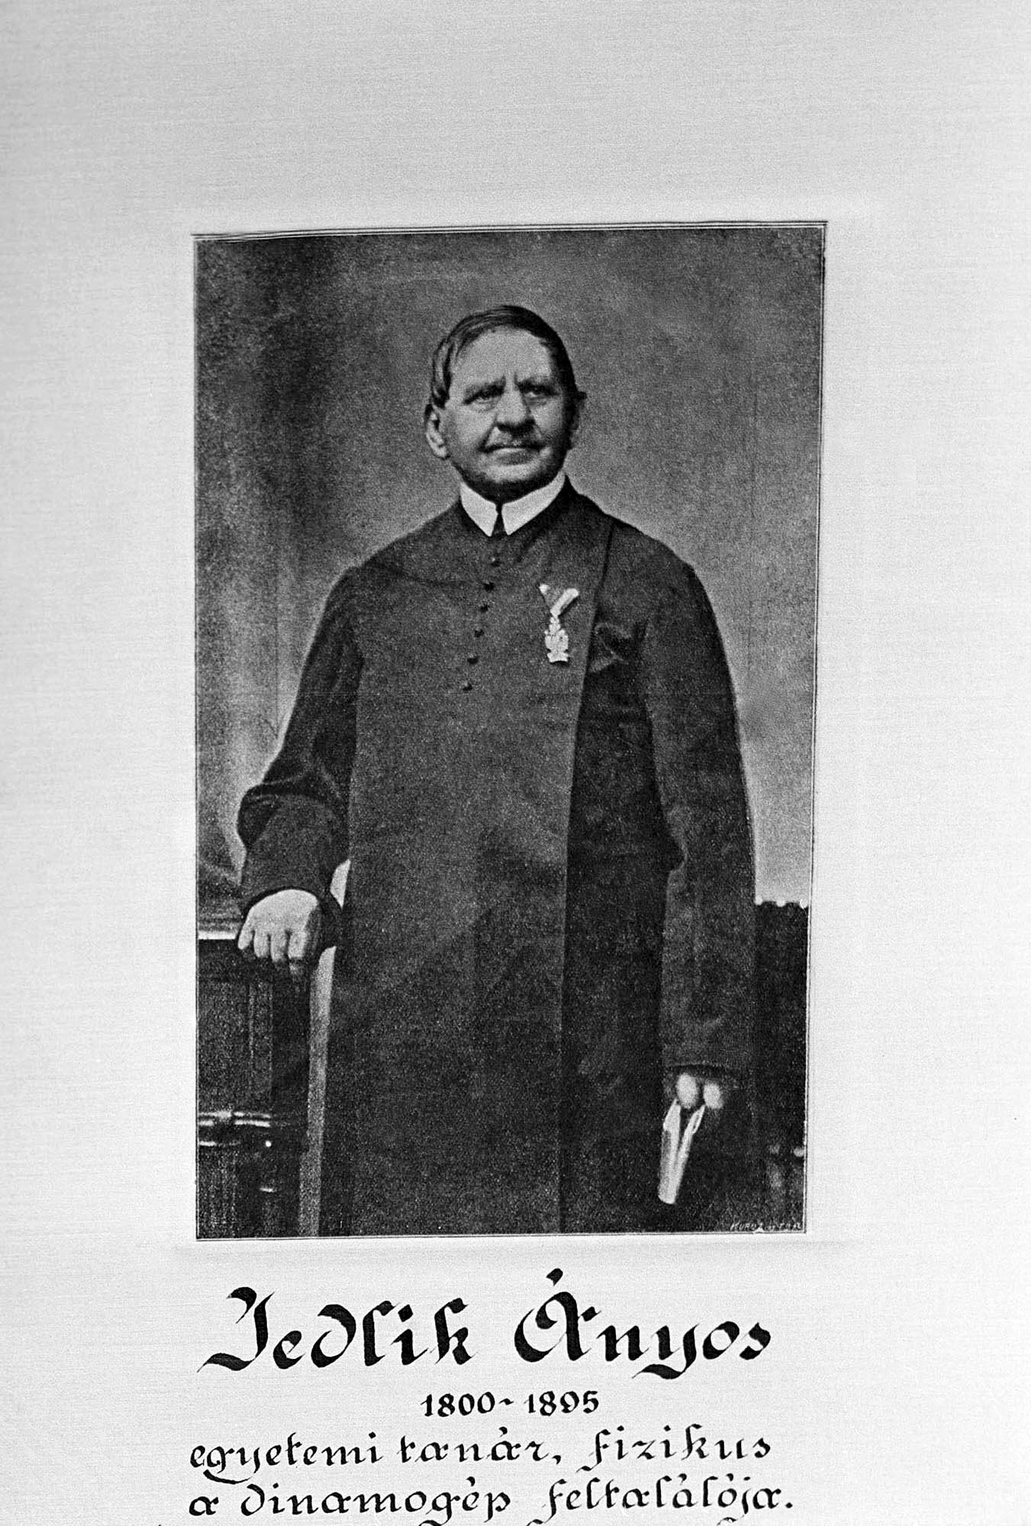 Budapest, 1920-as/1930-as évek Jedlik Ányos (1800-1895) fizikus, egyetemi tanár, a dinamógép feltalálója, a Magyar Tudományos Akadémia tagja; 1826-ban szerkesztett szódavízgyártó gépe alapján jött létre az első hazai szikvízüzem. A felvétel készítésének pontos ideje ismeretlen. MTI Fotó: Haár Ferenc